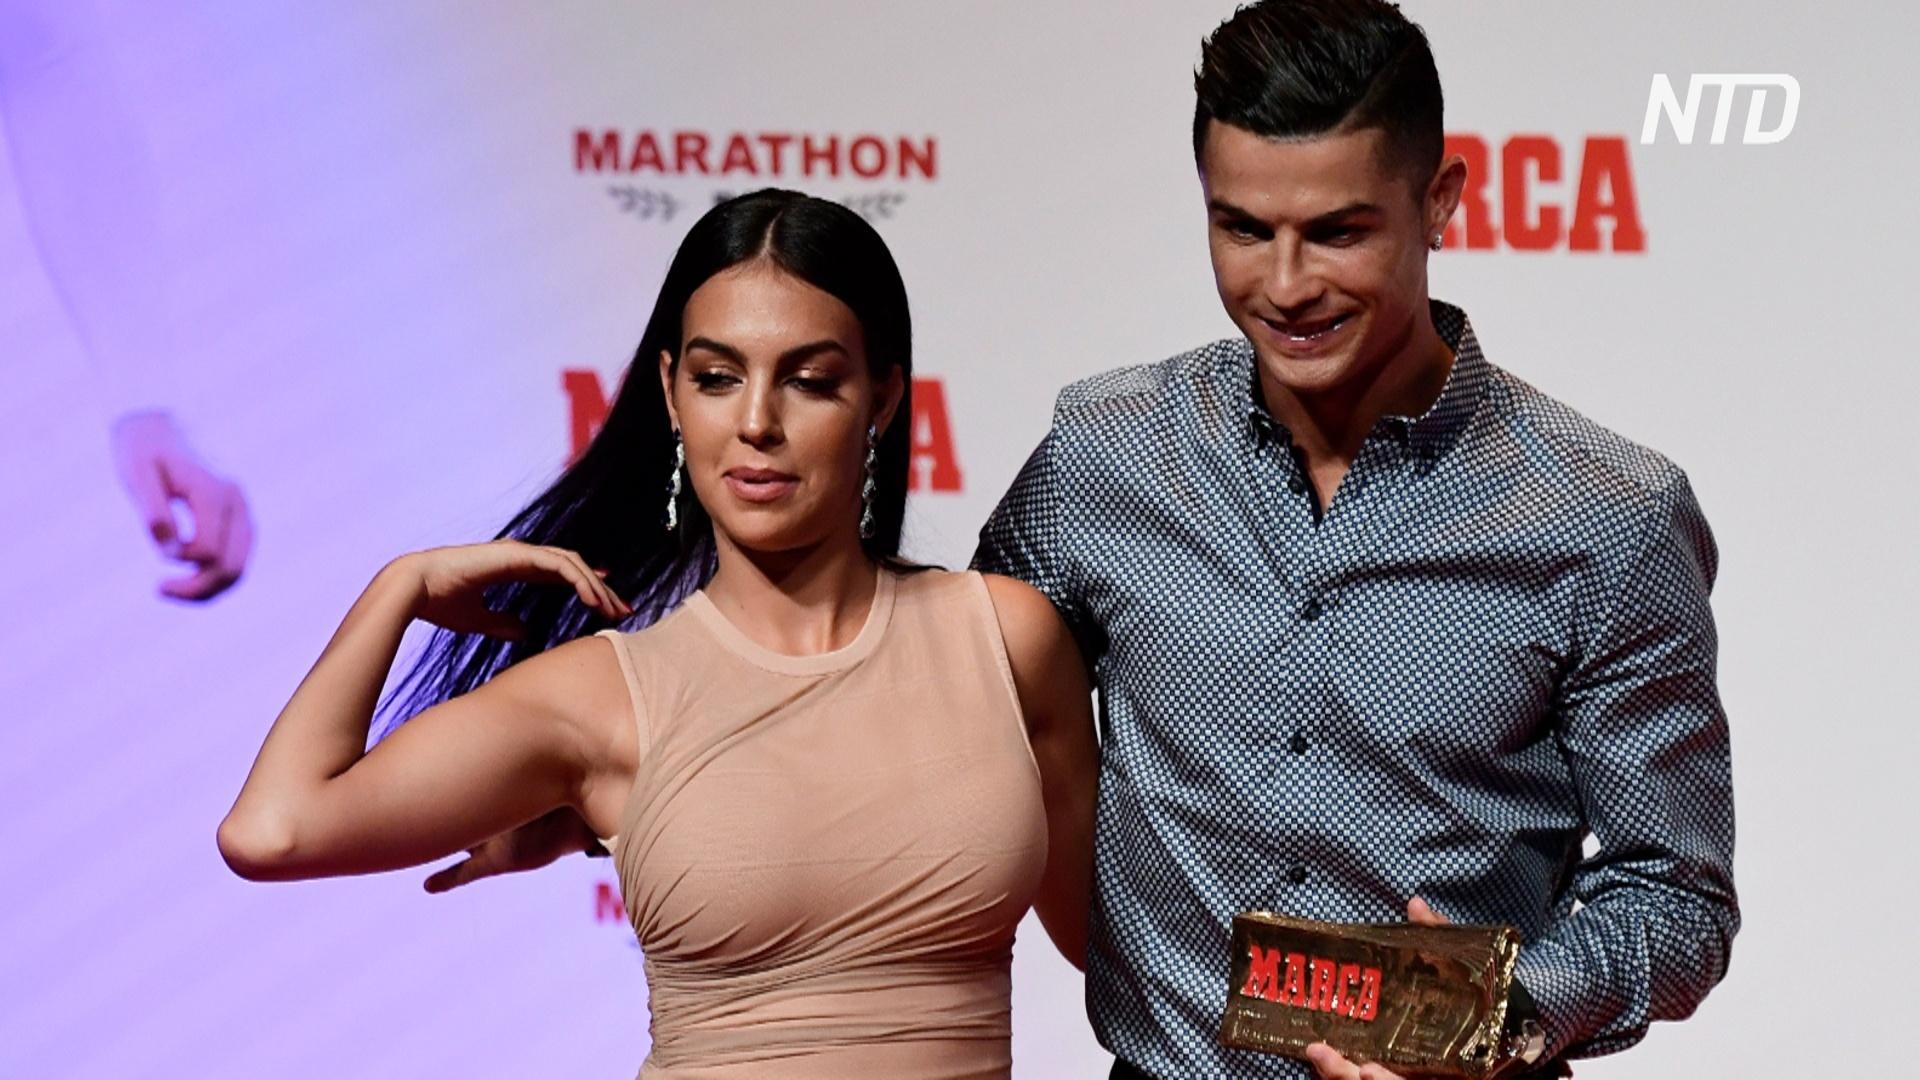 Успешную карьеру Роналду отметили наградой Marca Legend